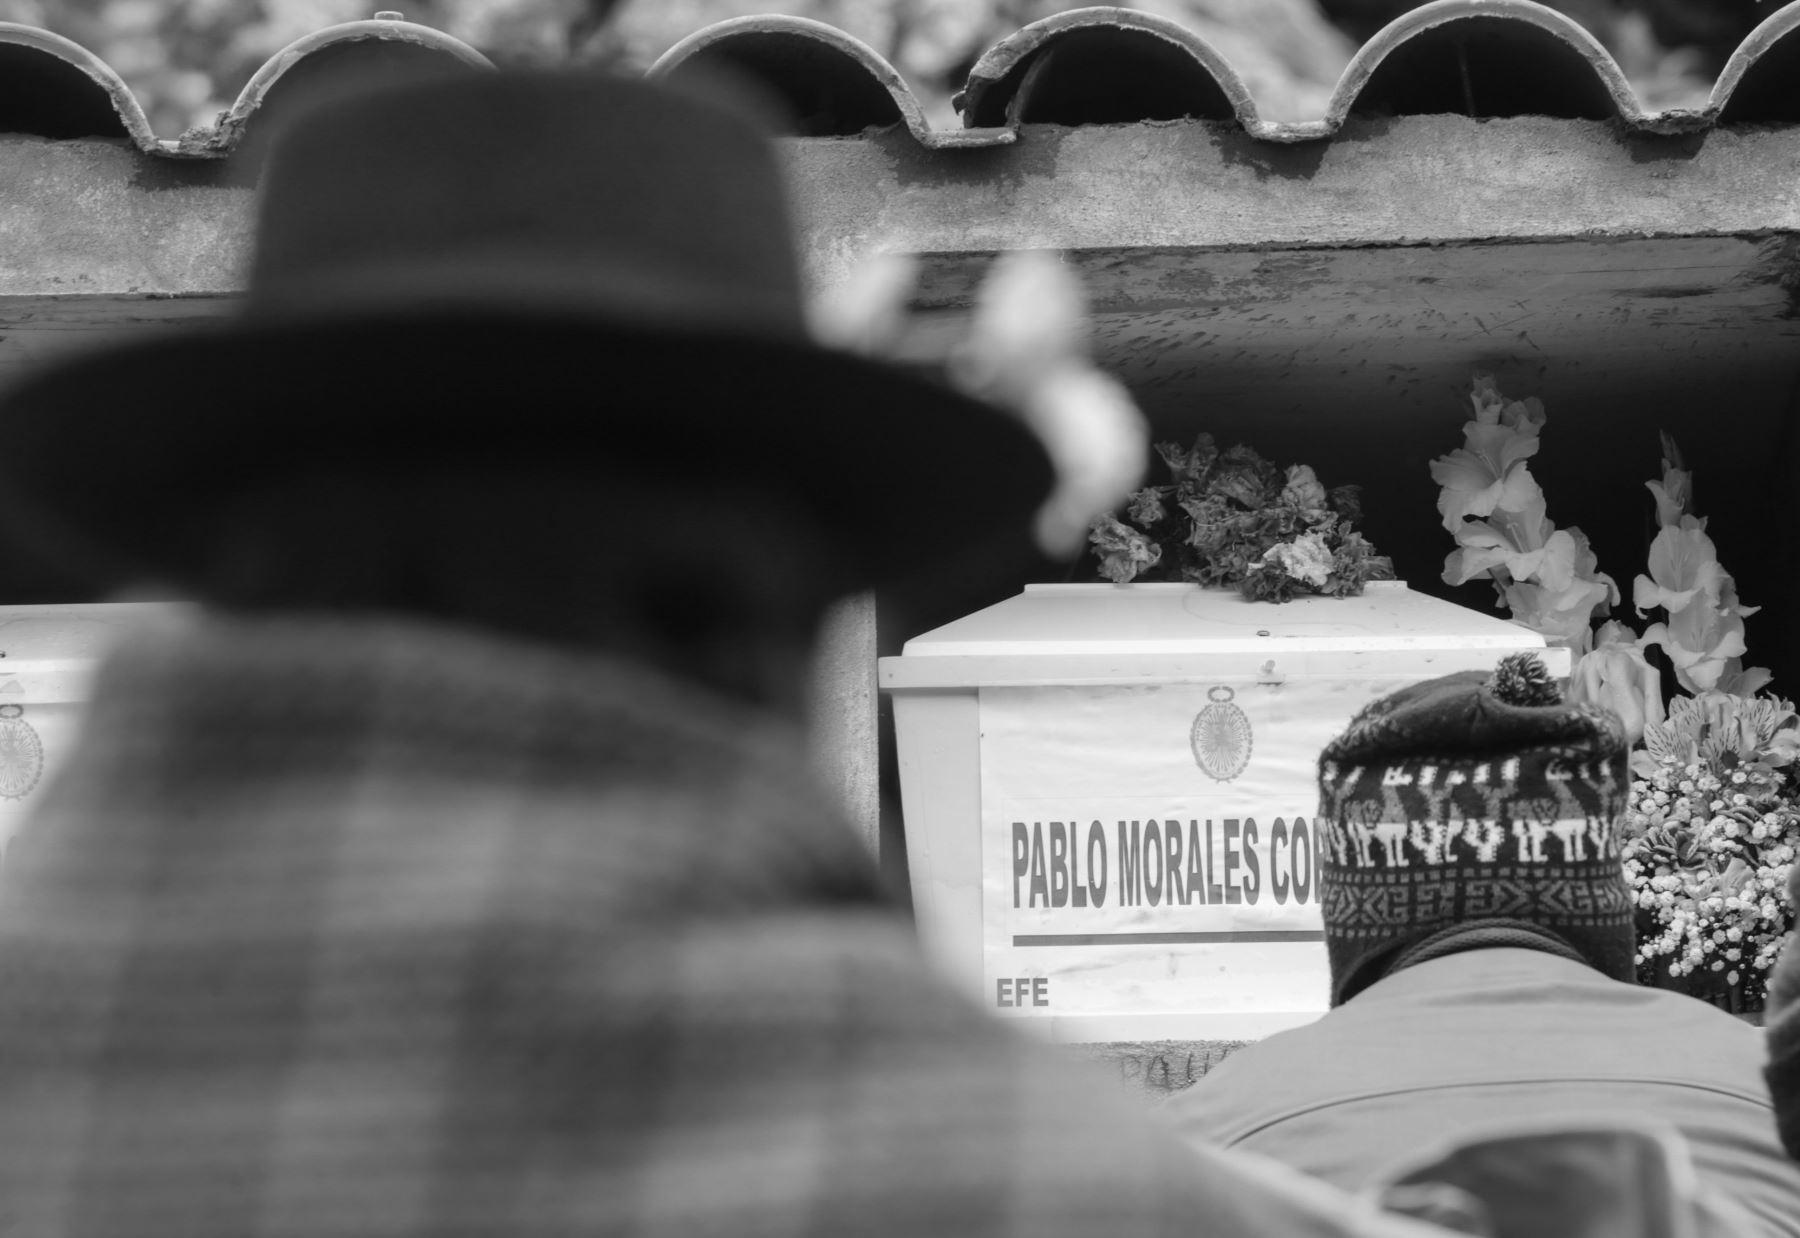 En Ayacucho, los forenses ya han entregado 3,800 cuerpos, de los 17 mil desaparecidos que se calcula dejó en esa región la época de la violencia. Foto: ANDINA/Jack Ramón